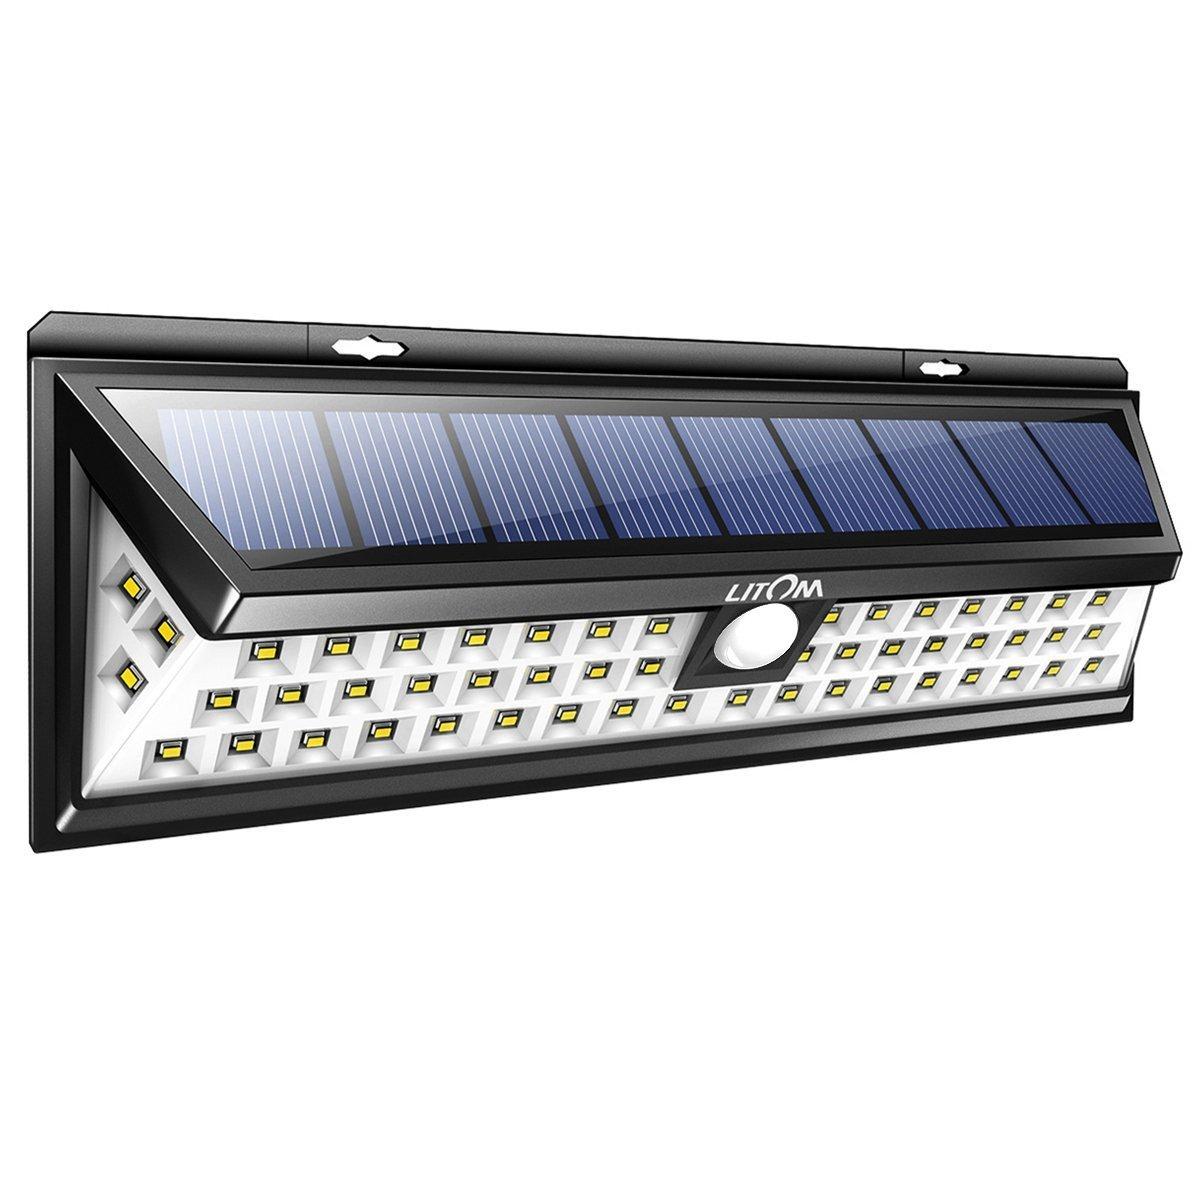 Wireless Outdoor Garage Lights: LITOM Solar Lights Outdoor, 54 LED Super Bright